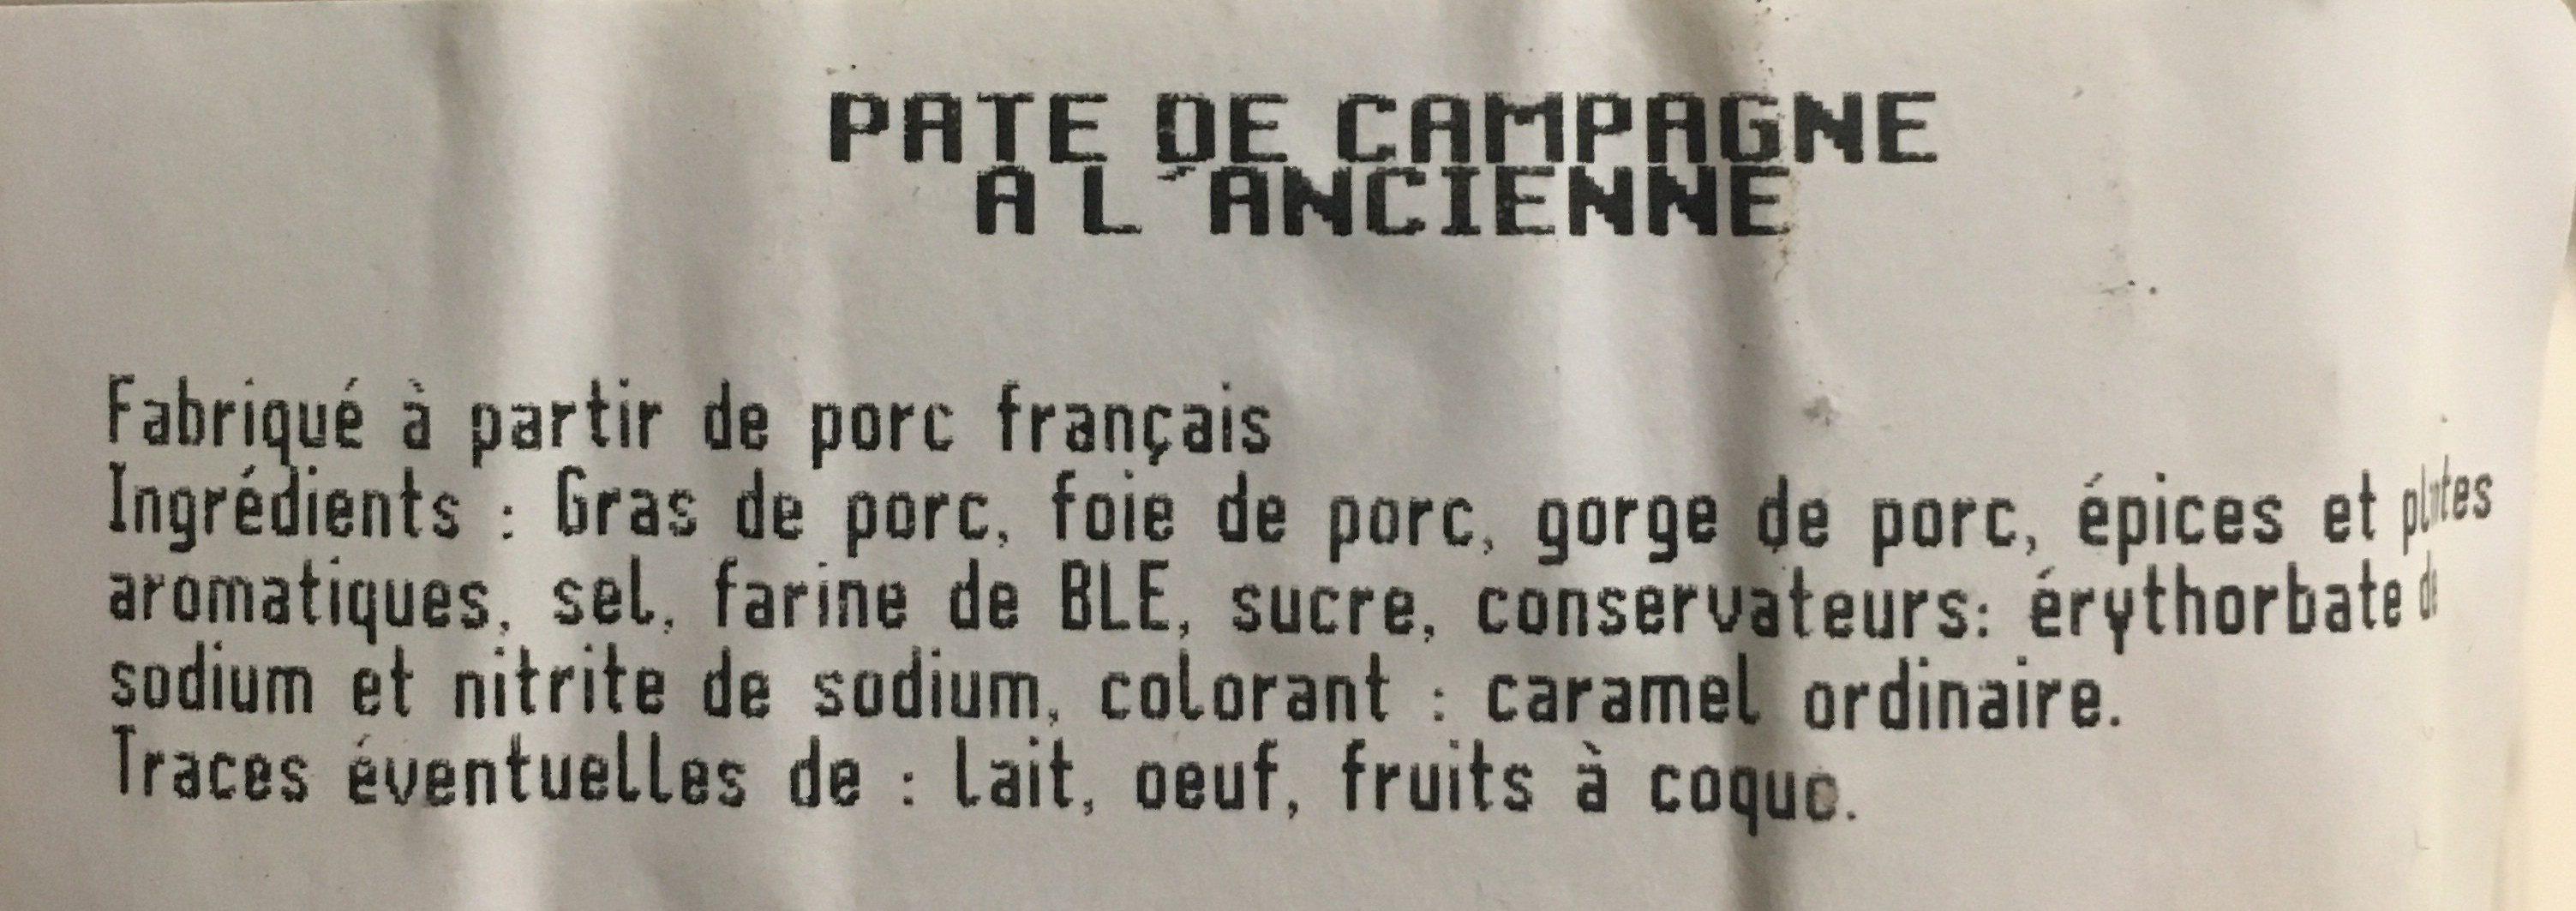 220G Petit Pate Bois Campagne Tallec - Ingrédients - fr